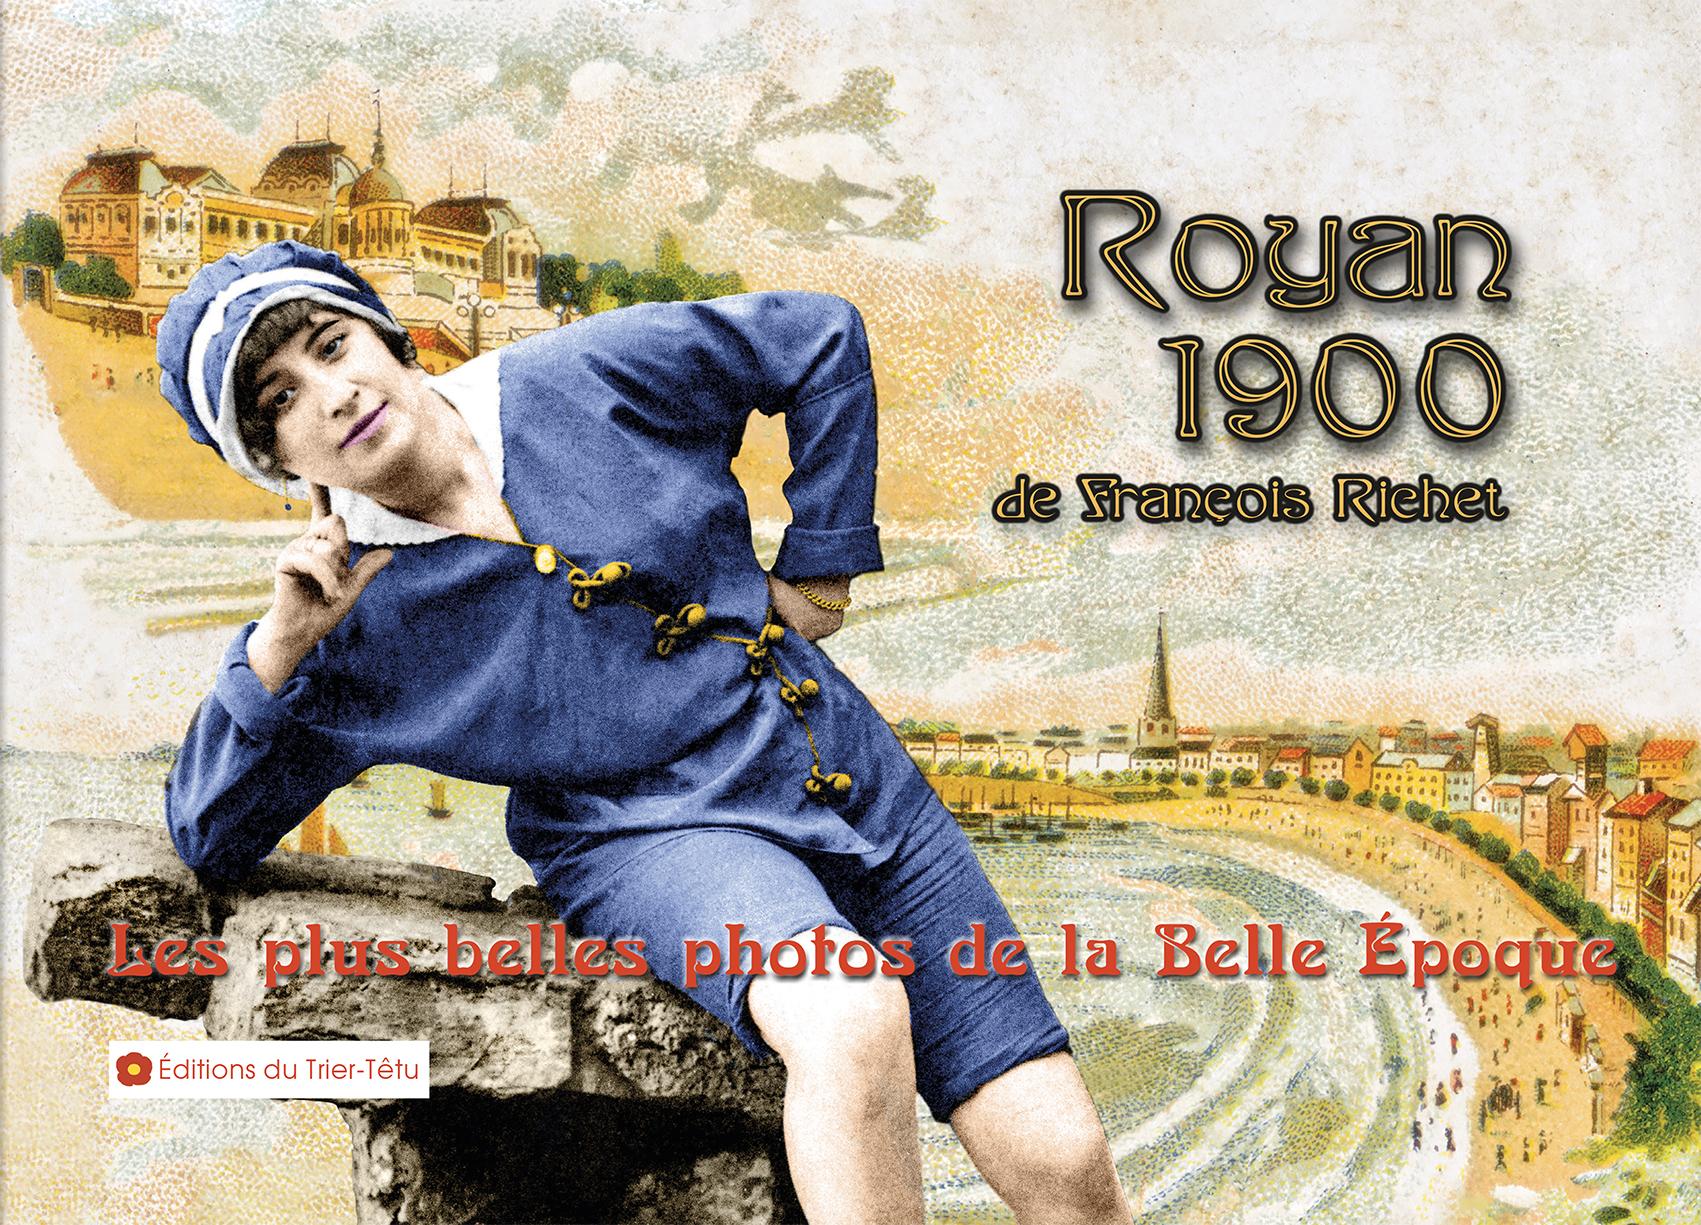 Royan 1900, couverture